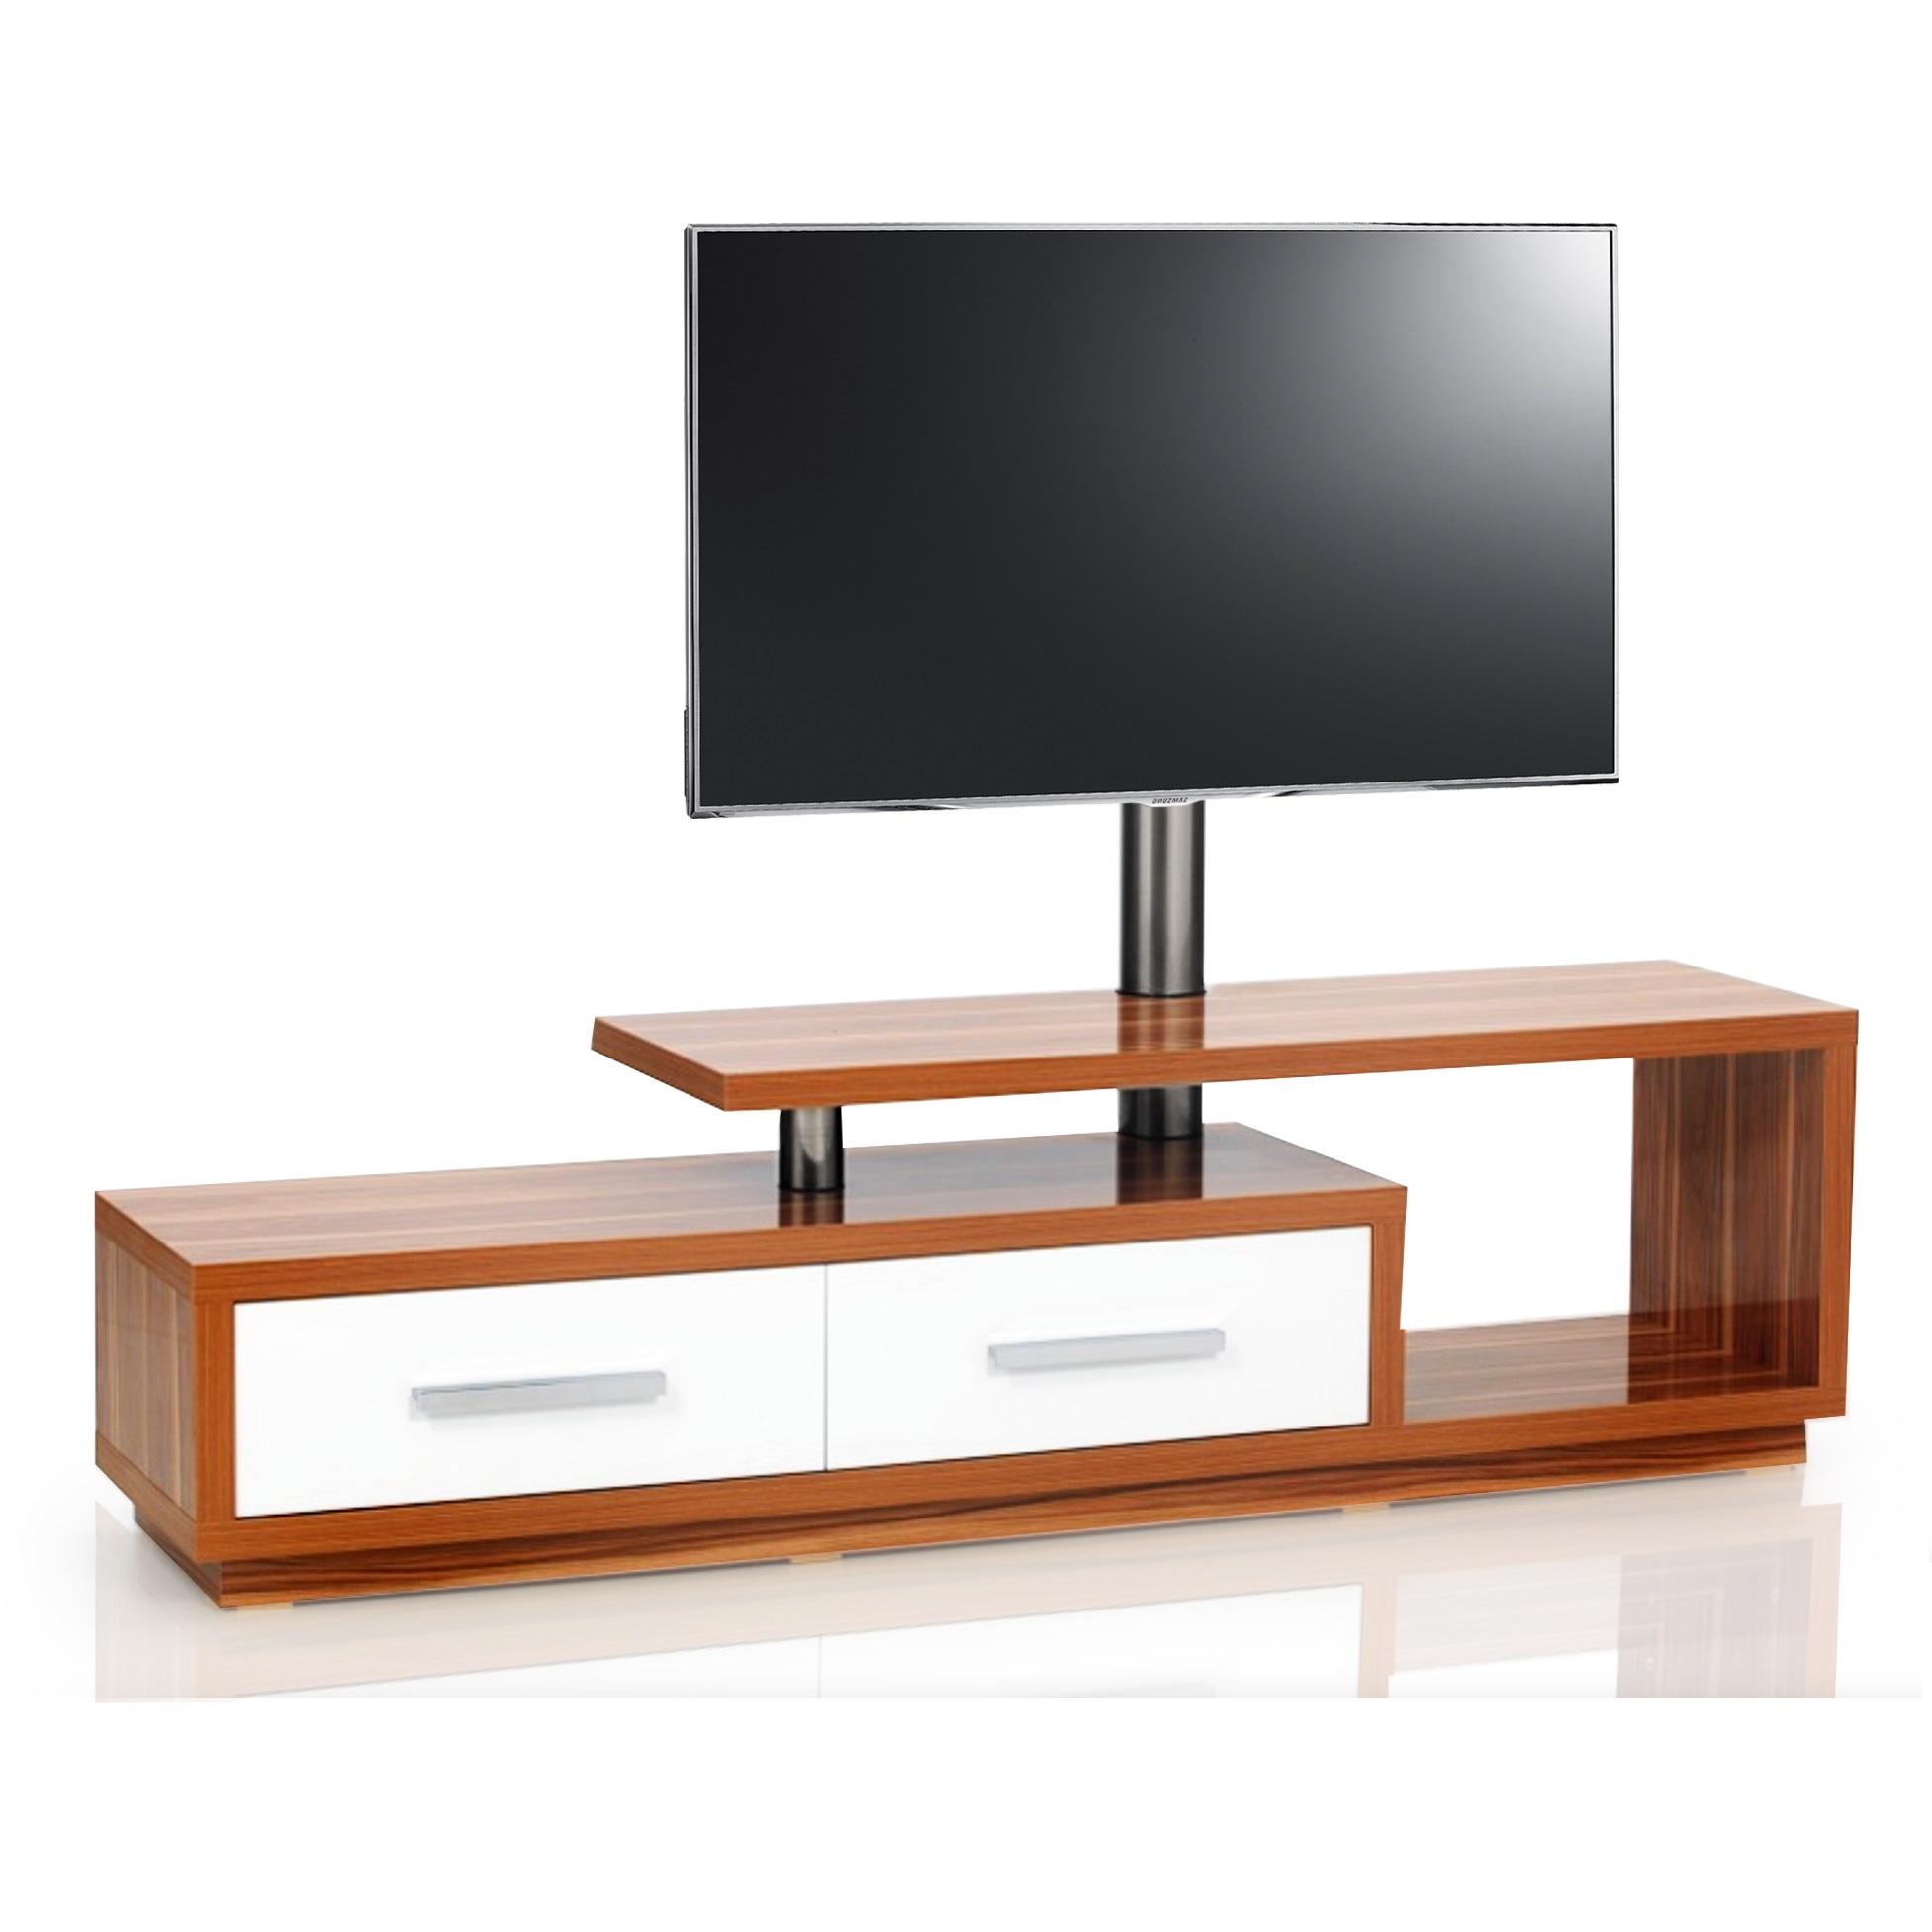 Petit meuble pour tv maison et mobilier d 39 int rieur for Meuble tv petite dimension